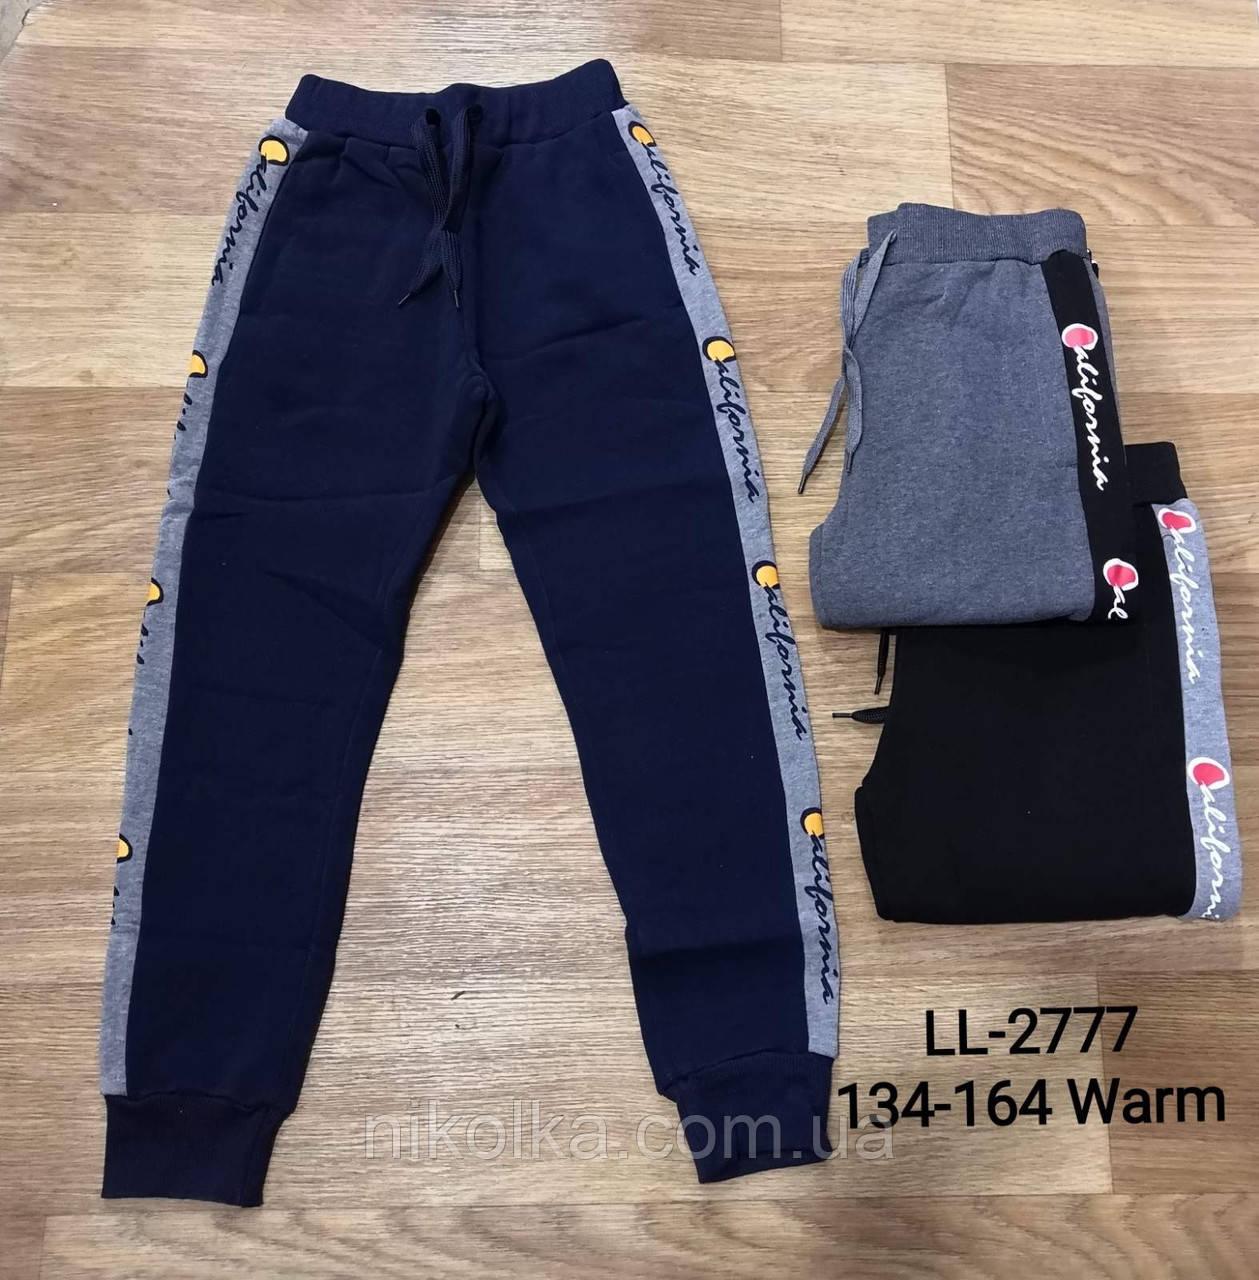 Спортивные штаны с начесом для мальчиков оптом, Sincere, 134-164 рр., арт.  LL-2777